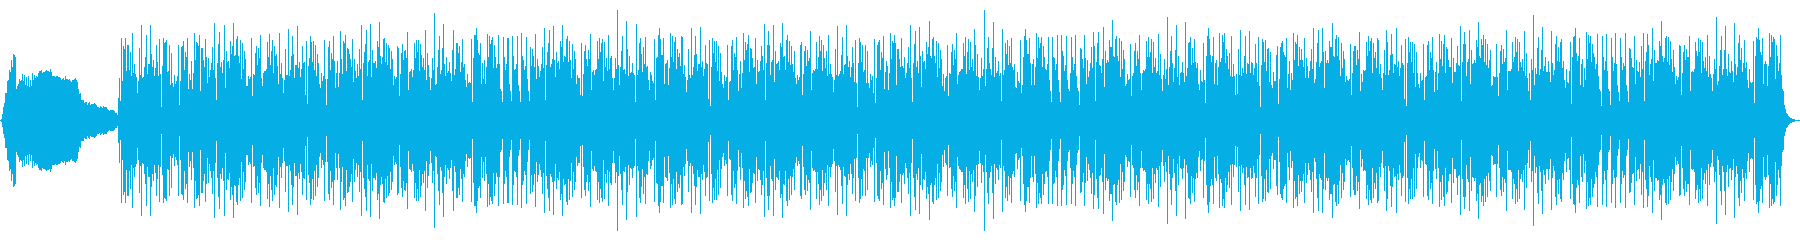 モダンなデジタルロック、スロームー...の再生済みの波形